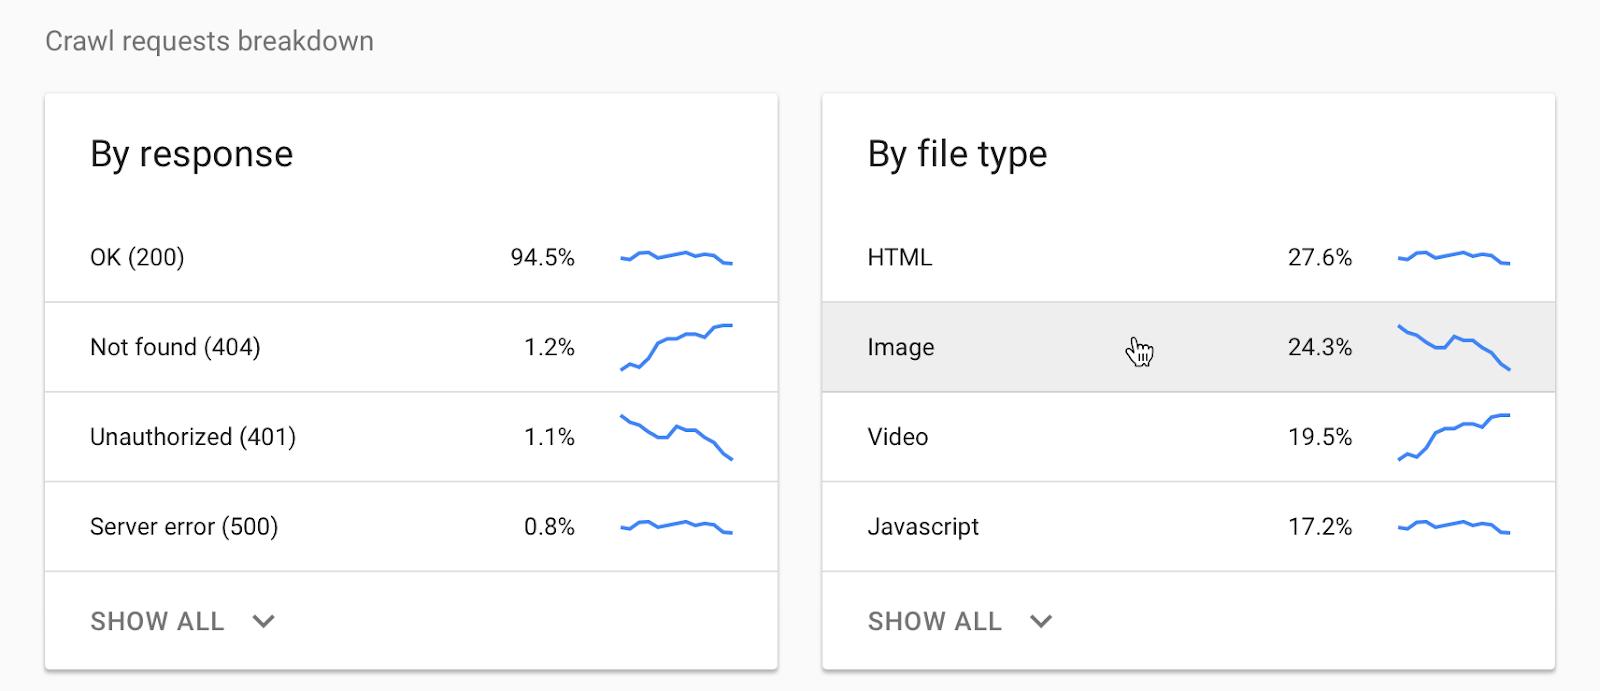 Сгруппированные данные отчета статистики сканирования в Search Console за определенный период